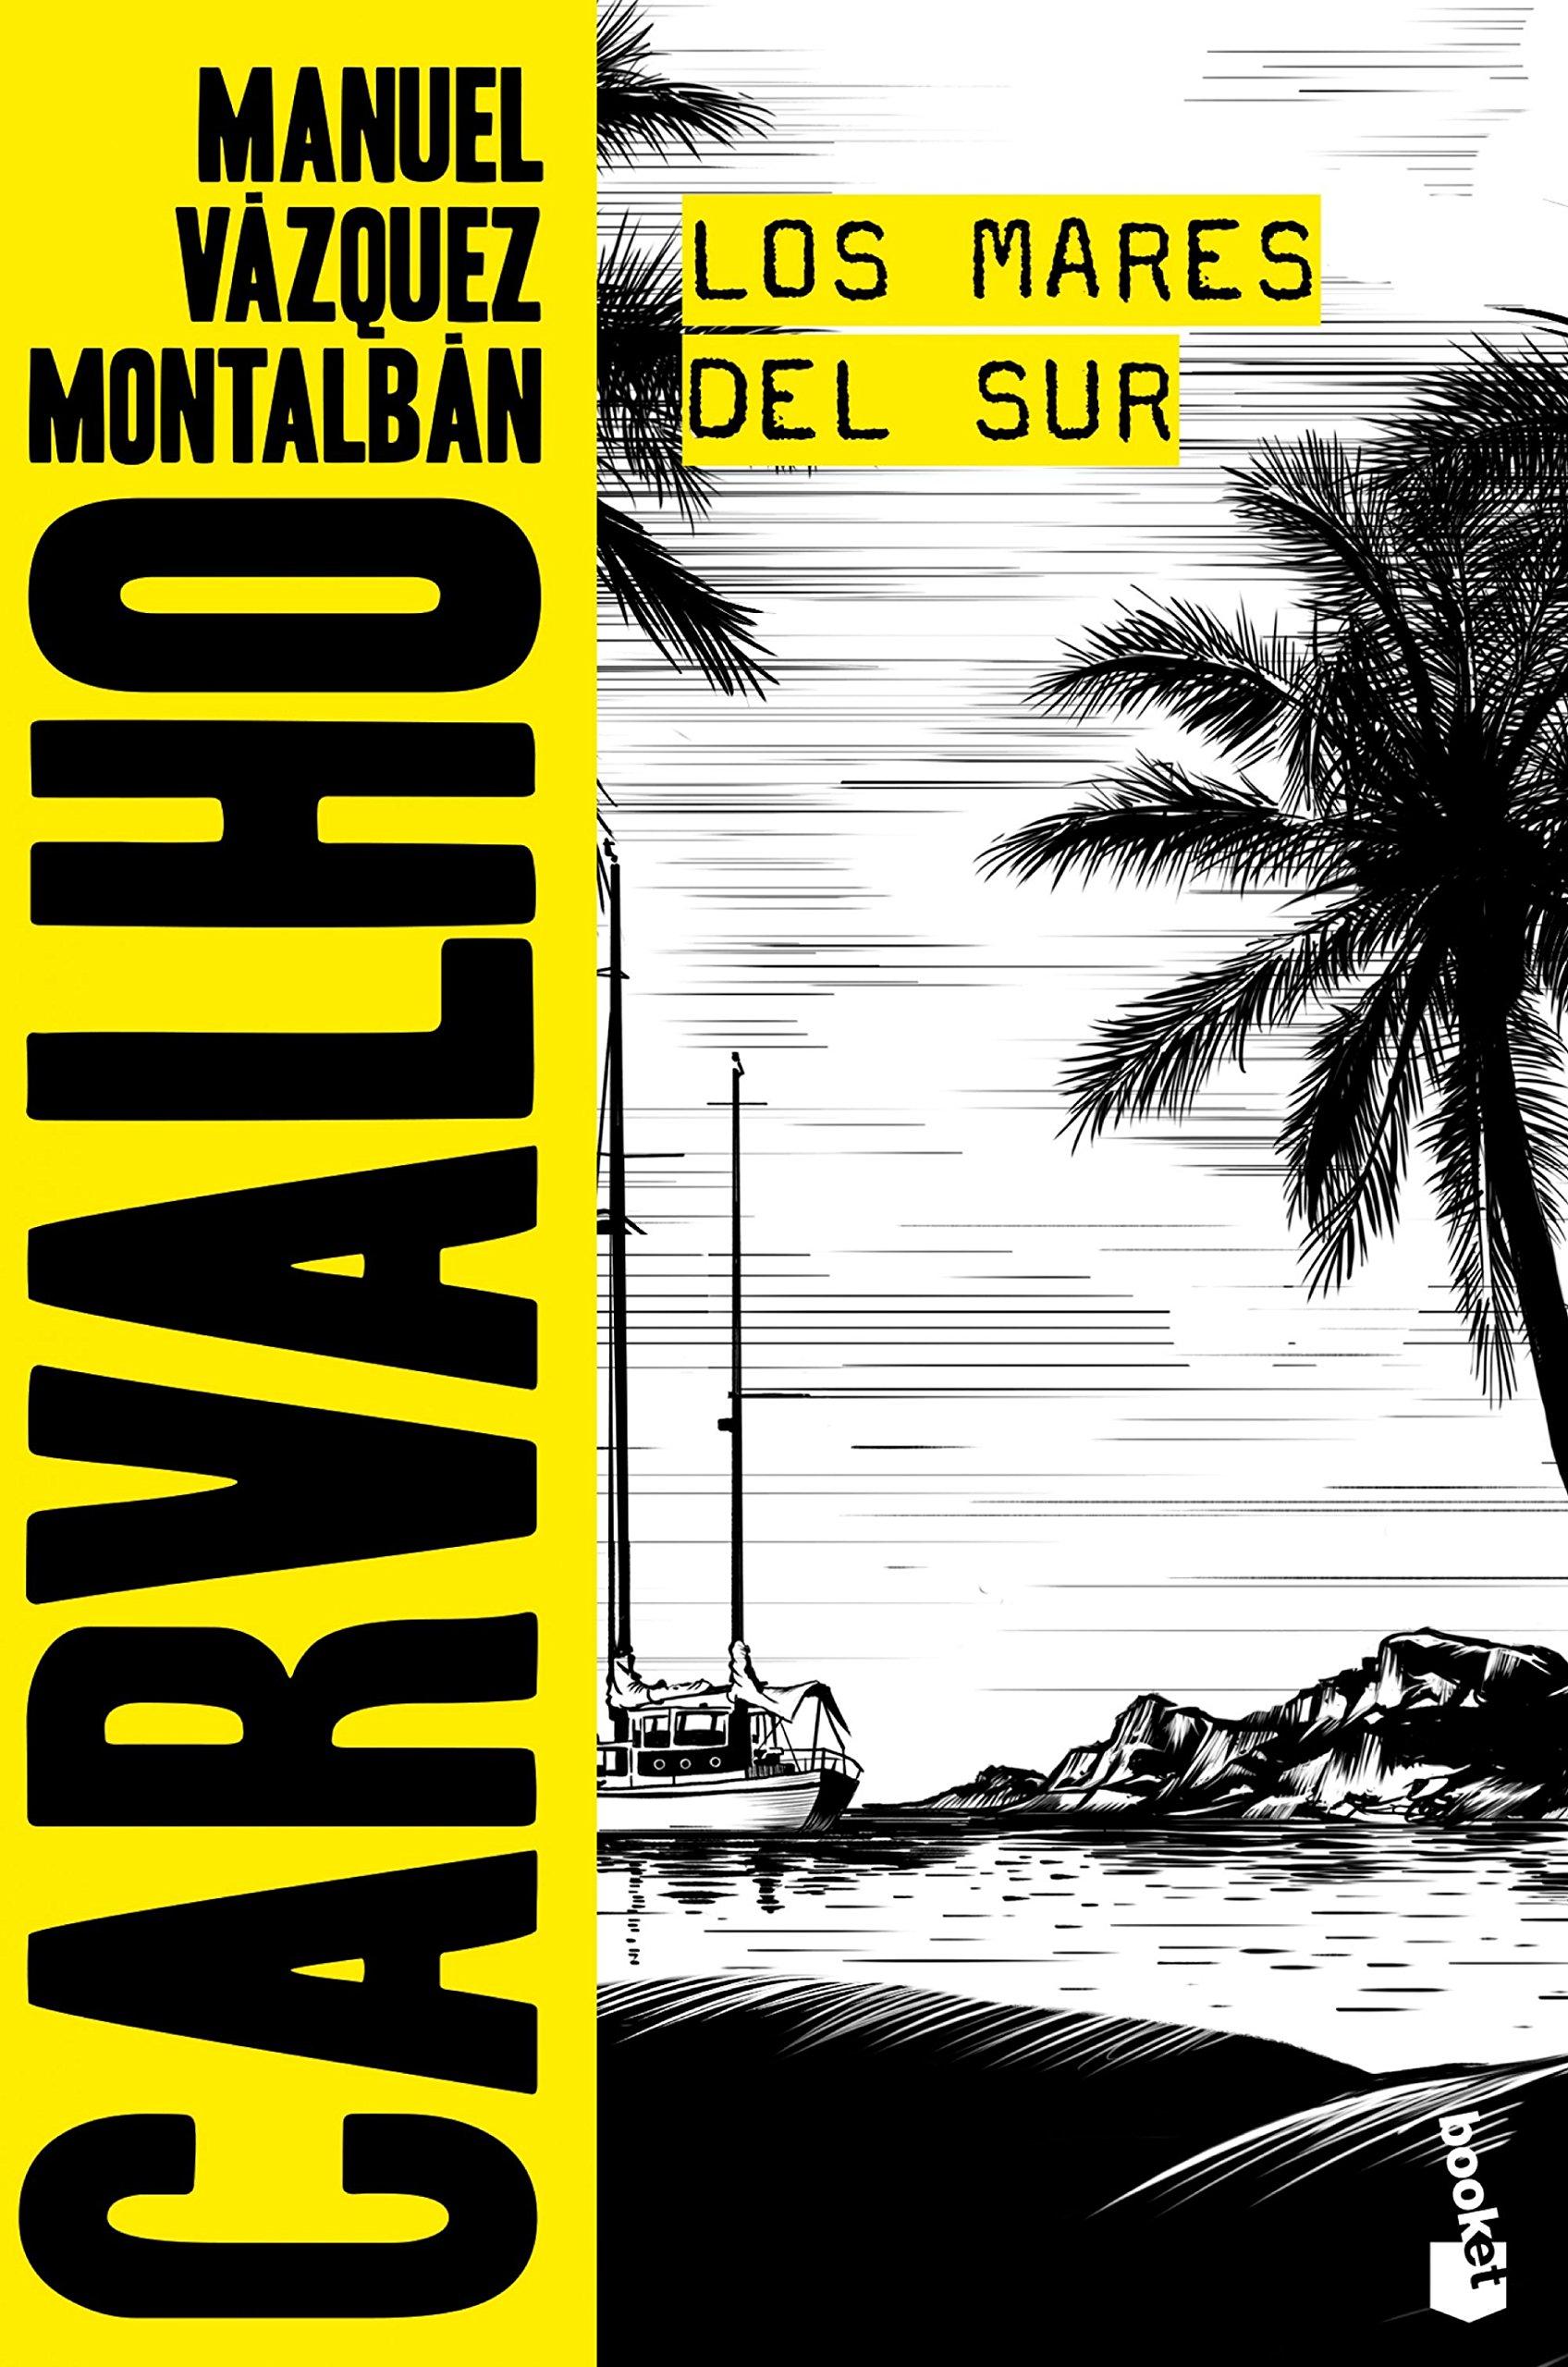 Los Mares Del Sur Amazon Co Uk Vázquez Montalbán Manuel 9788408165859 Books